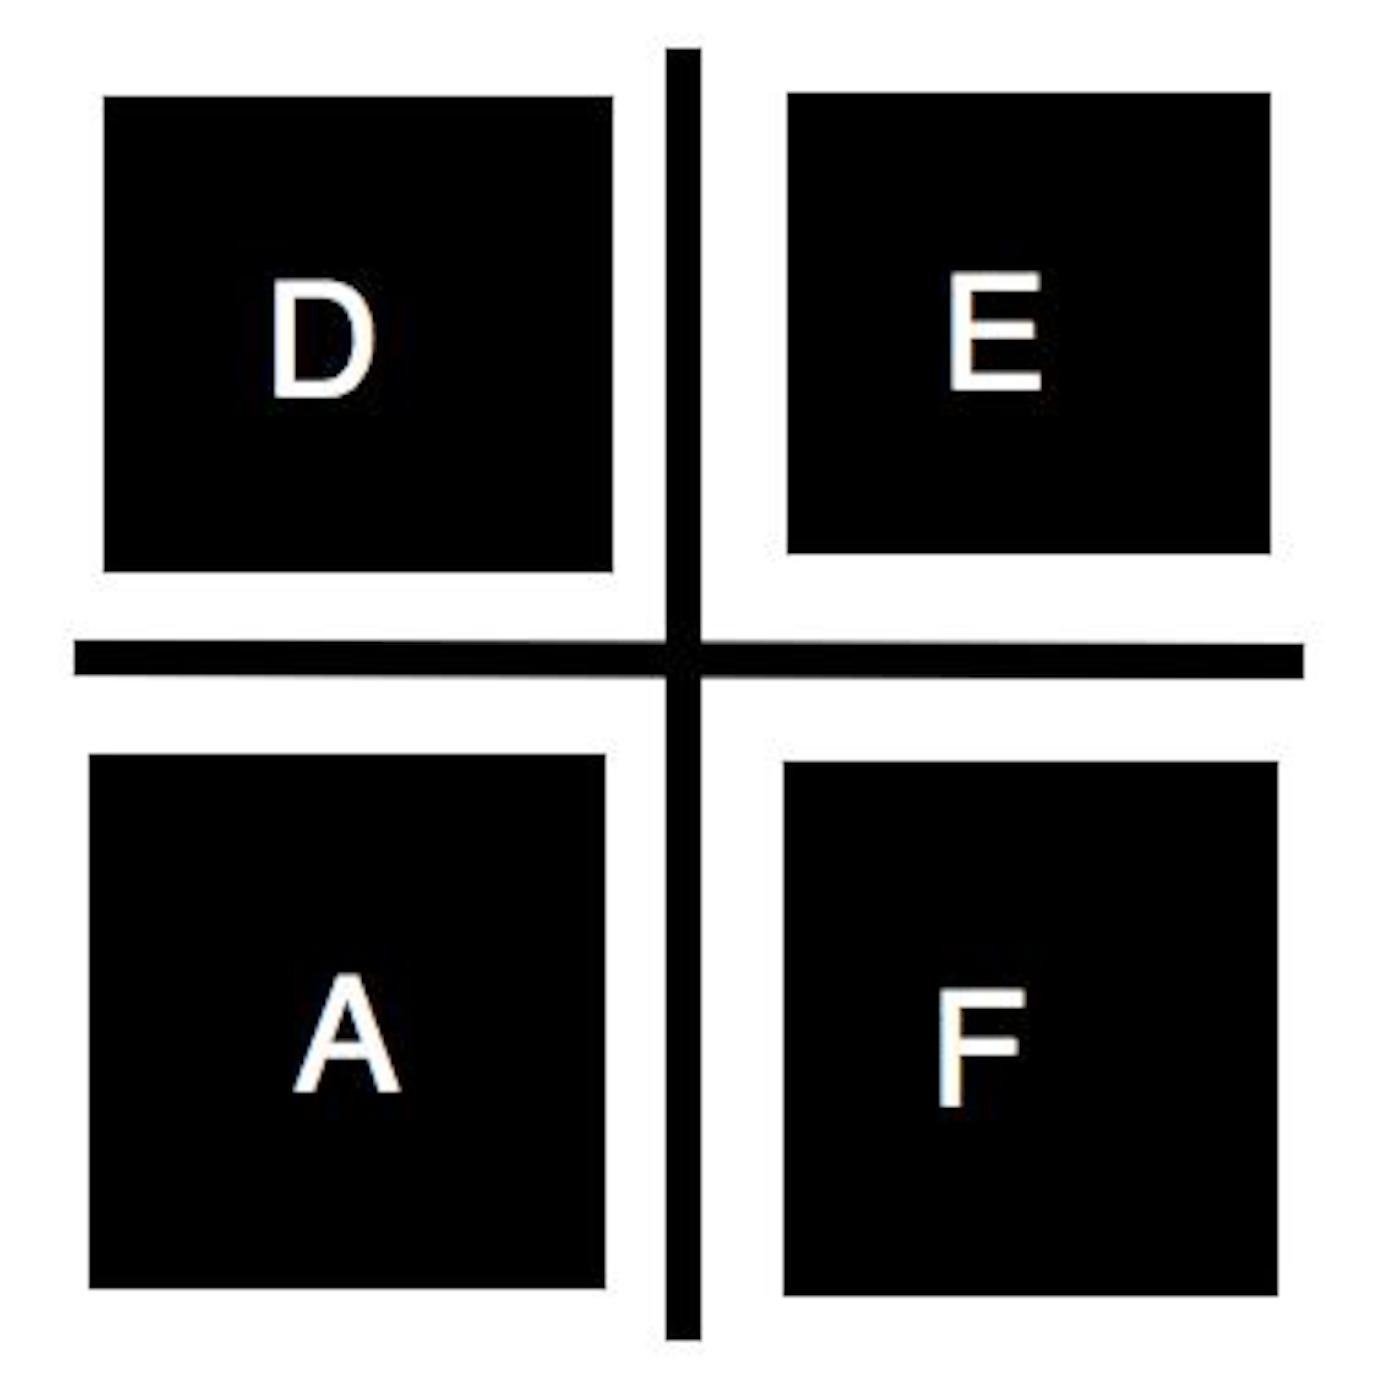 D.E.A.F Vol. 1